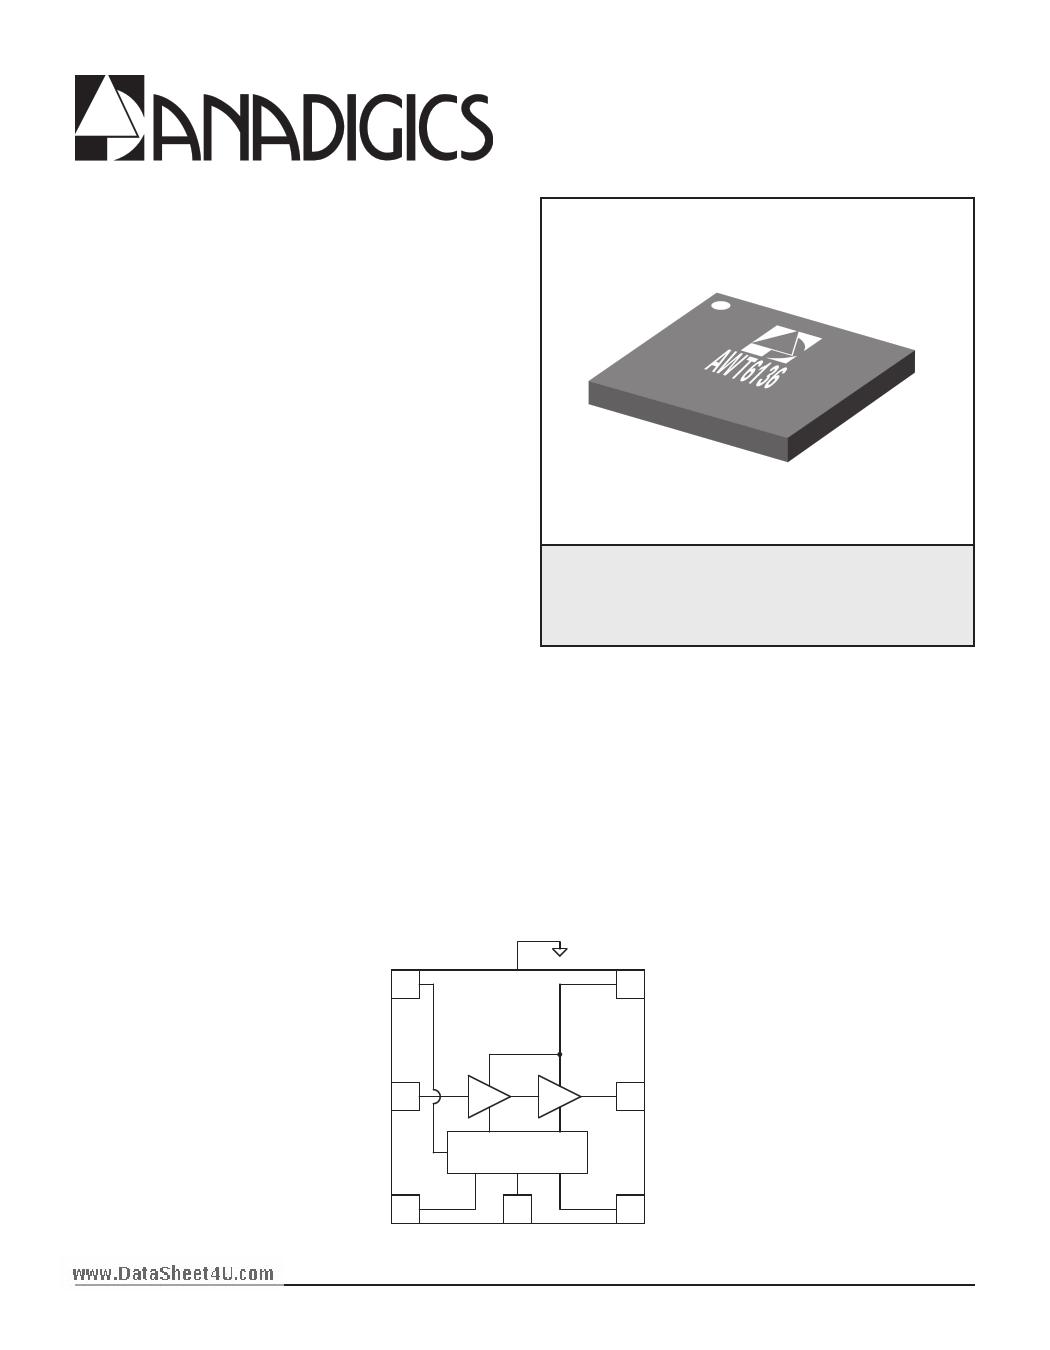 AWT6136 datasheet, circuit